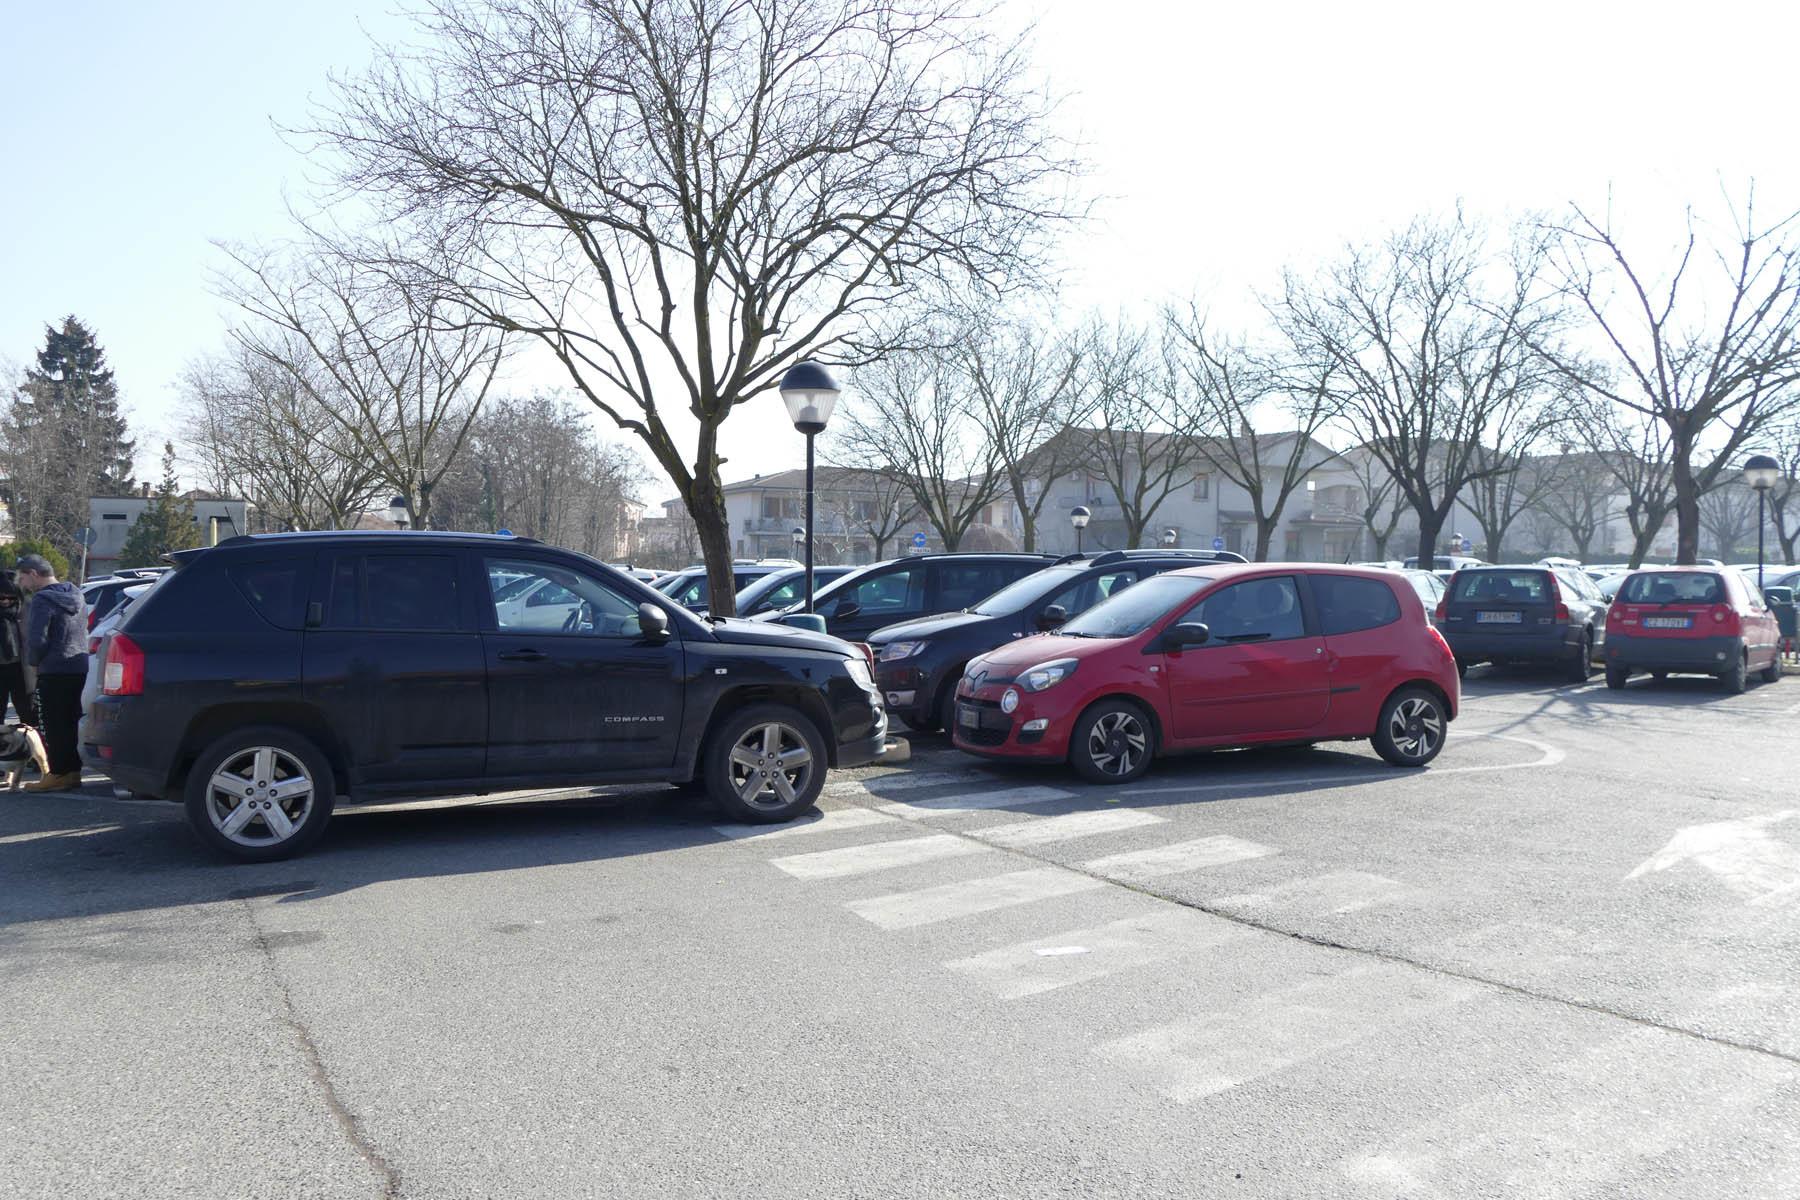 Parcheggio dell'ospedale sempre pieno: anziani in difficoltà